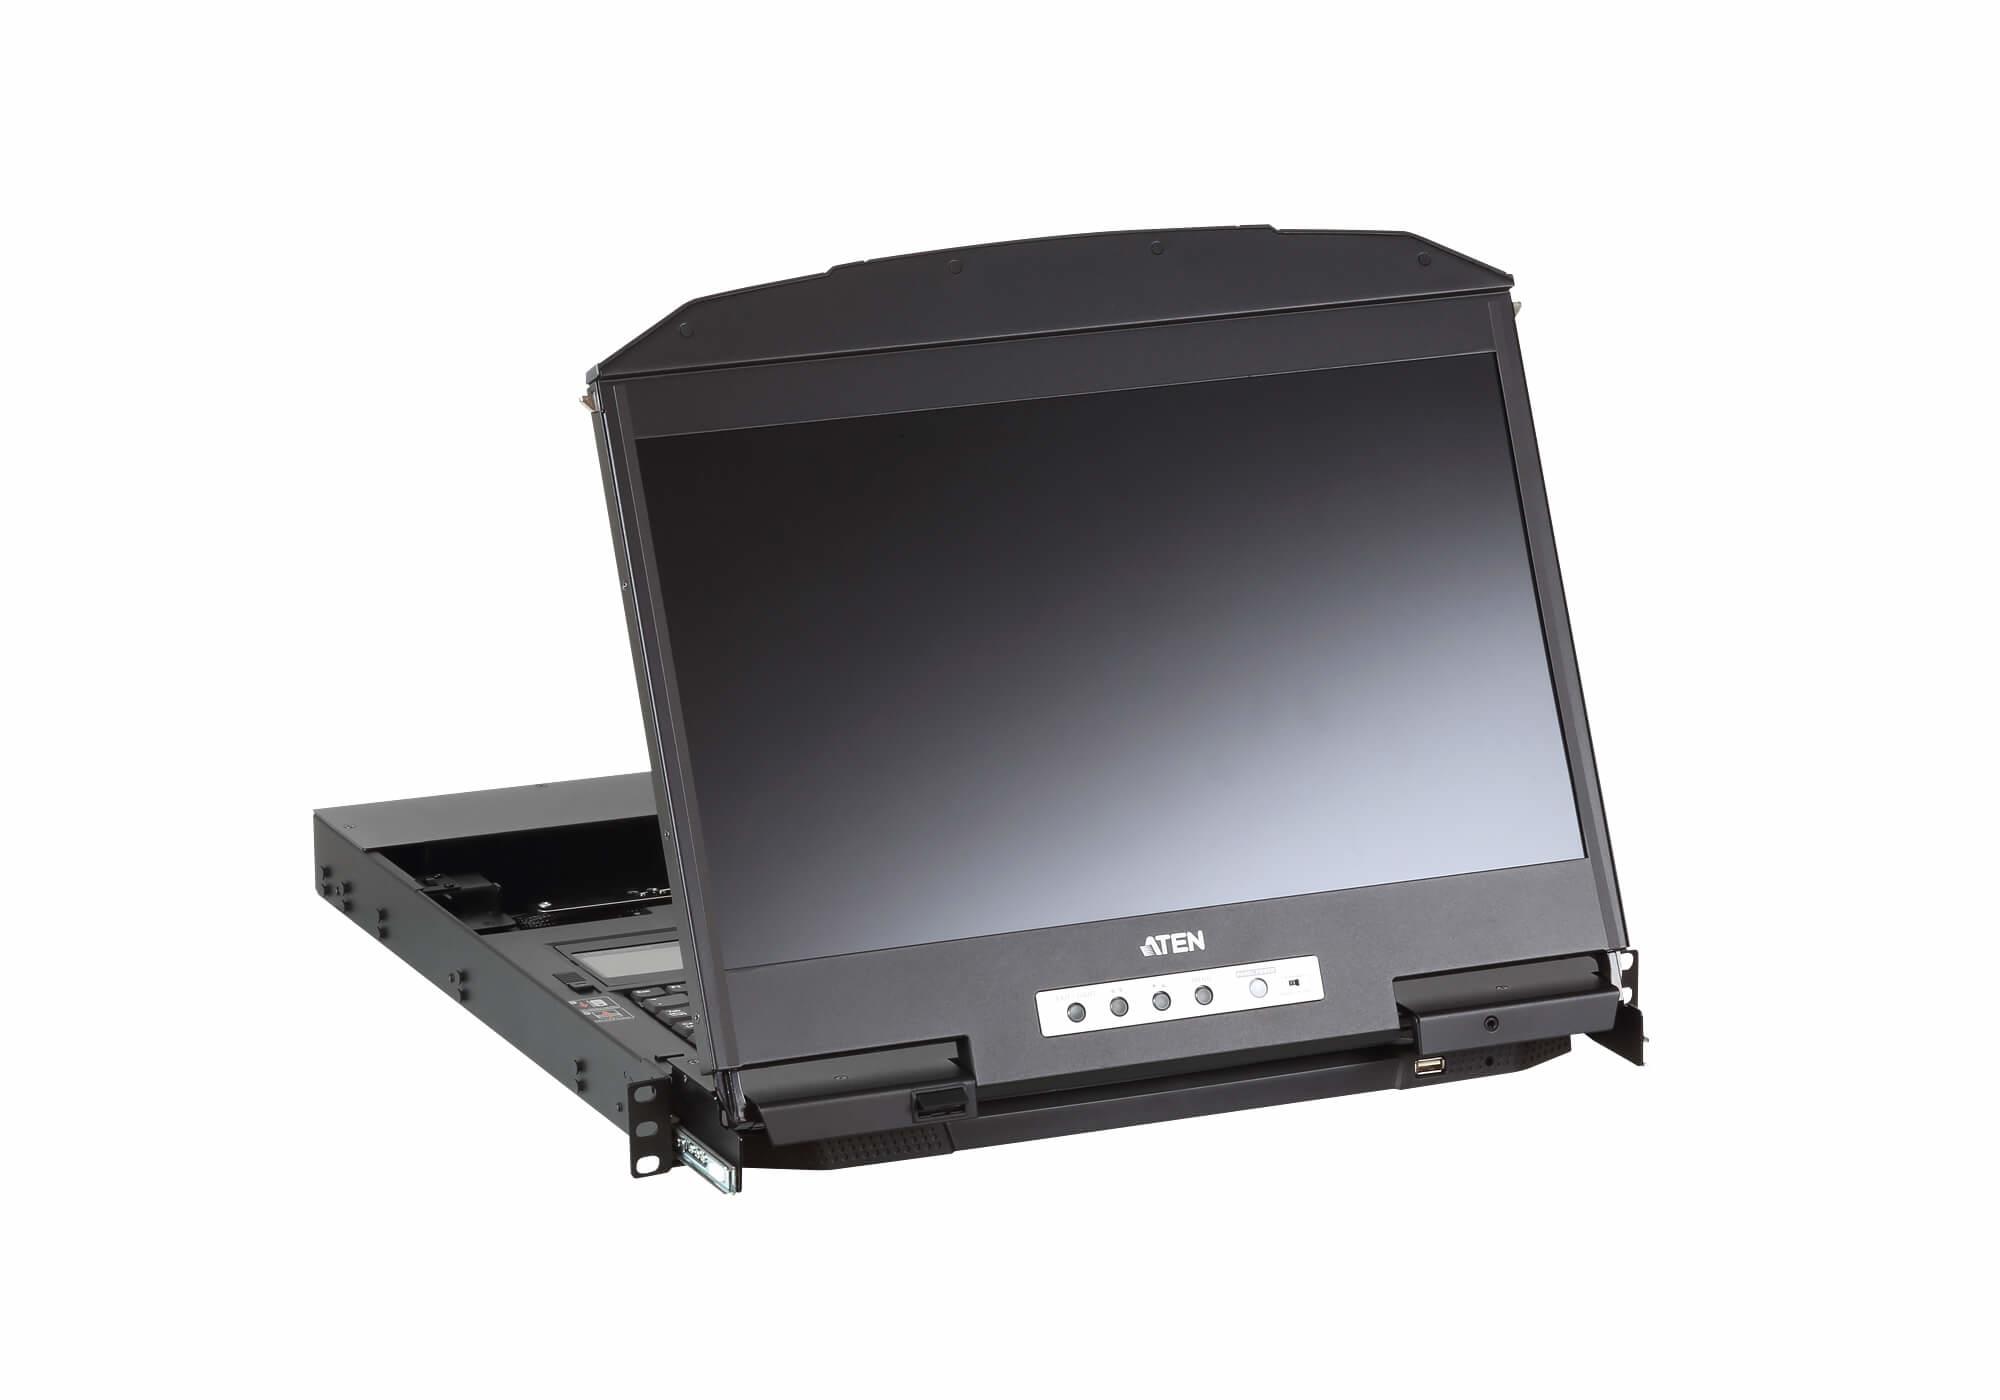 ATEN CL3800NW - 47 cm (18.5 Zoll) - 1920 x 1080 Pixel - 350 cd/m² - 1000:1 - 178° - 178°